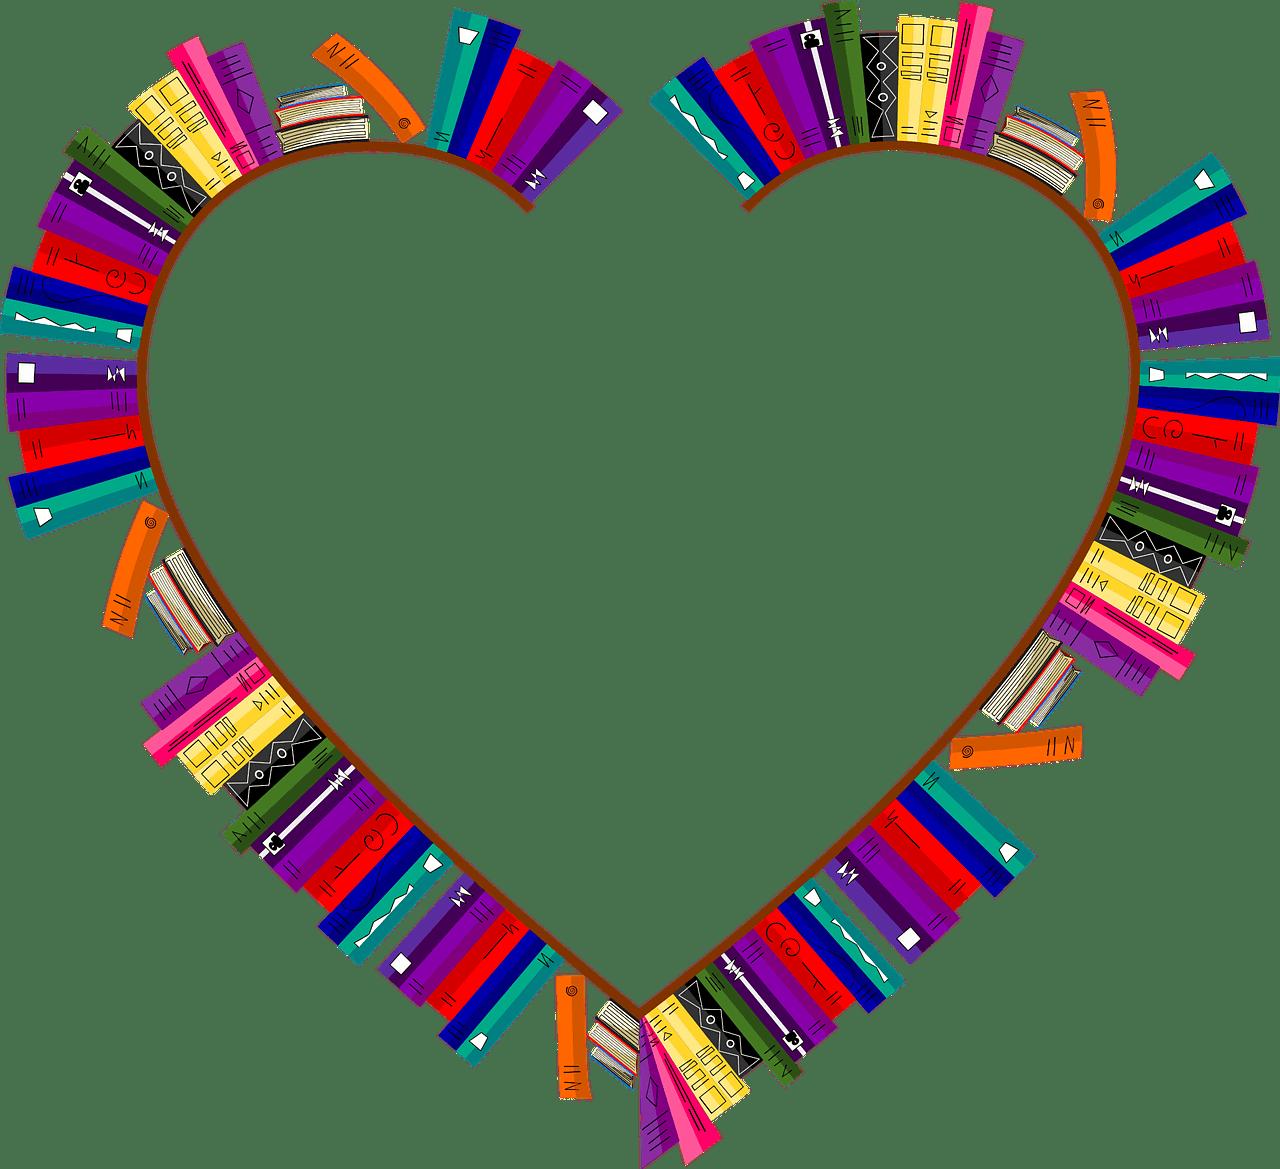 Grafika książek ułożonych nakształt serca